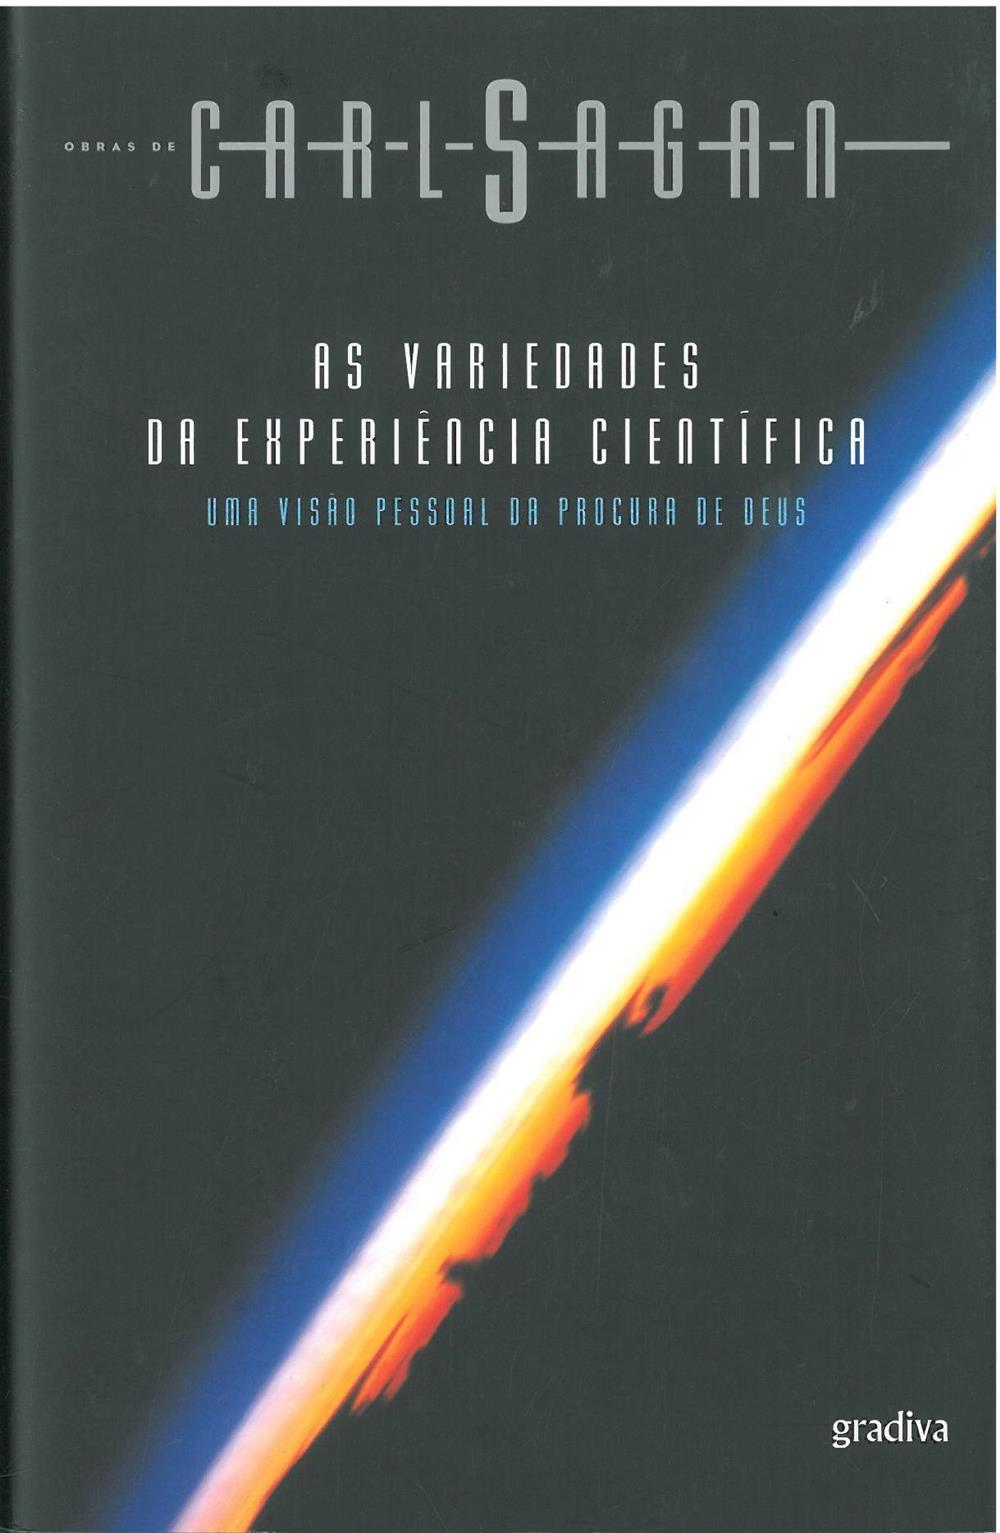 As variedades da experiência científica_.jpg